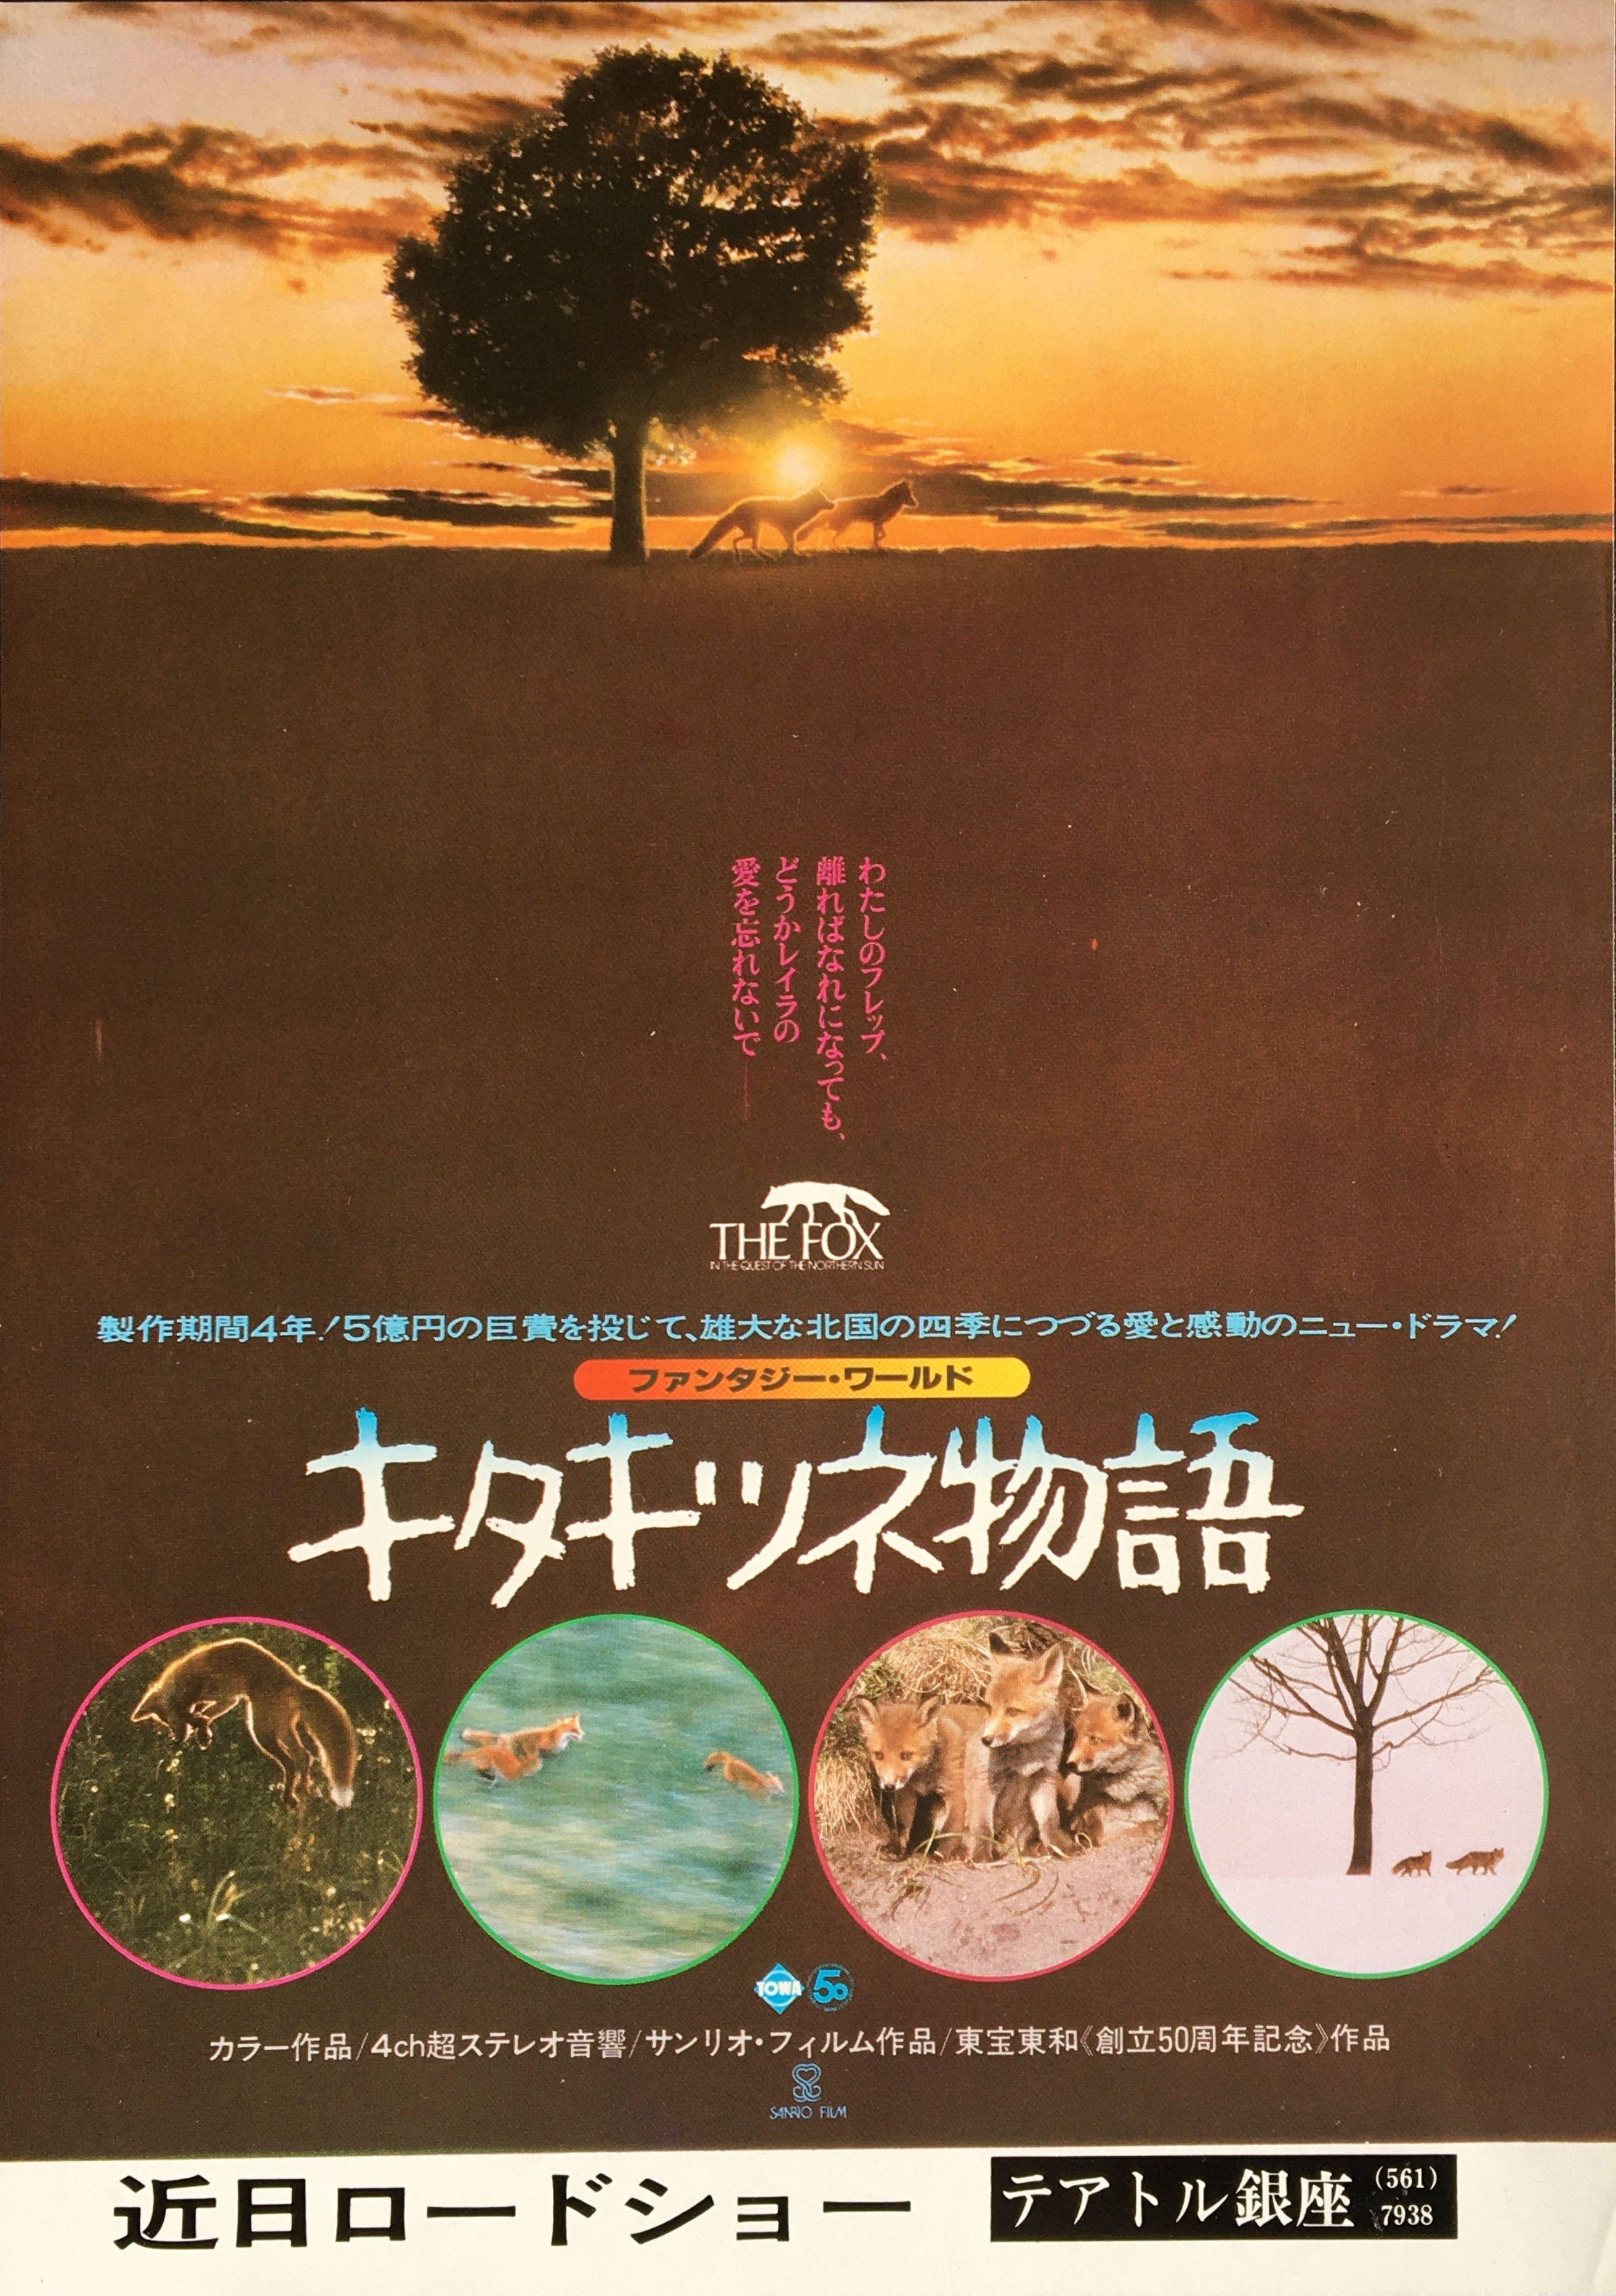 日本独自の文化 Souvenir Programs 販売 映画チラシ Movie Pamphlet 先着順 入札価格 でお譲りします 希望金額を記載して下さい Souvenir Program 映画チラシ 2020 映画 ポスター 映画 チラシ